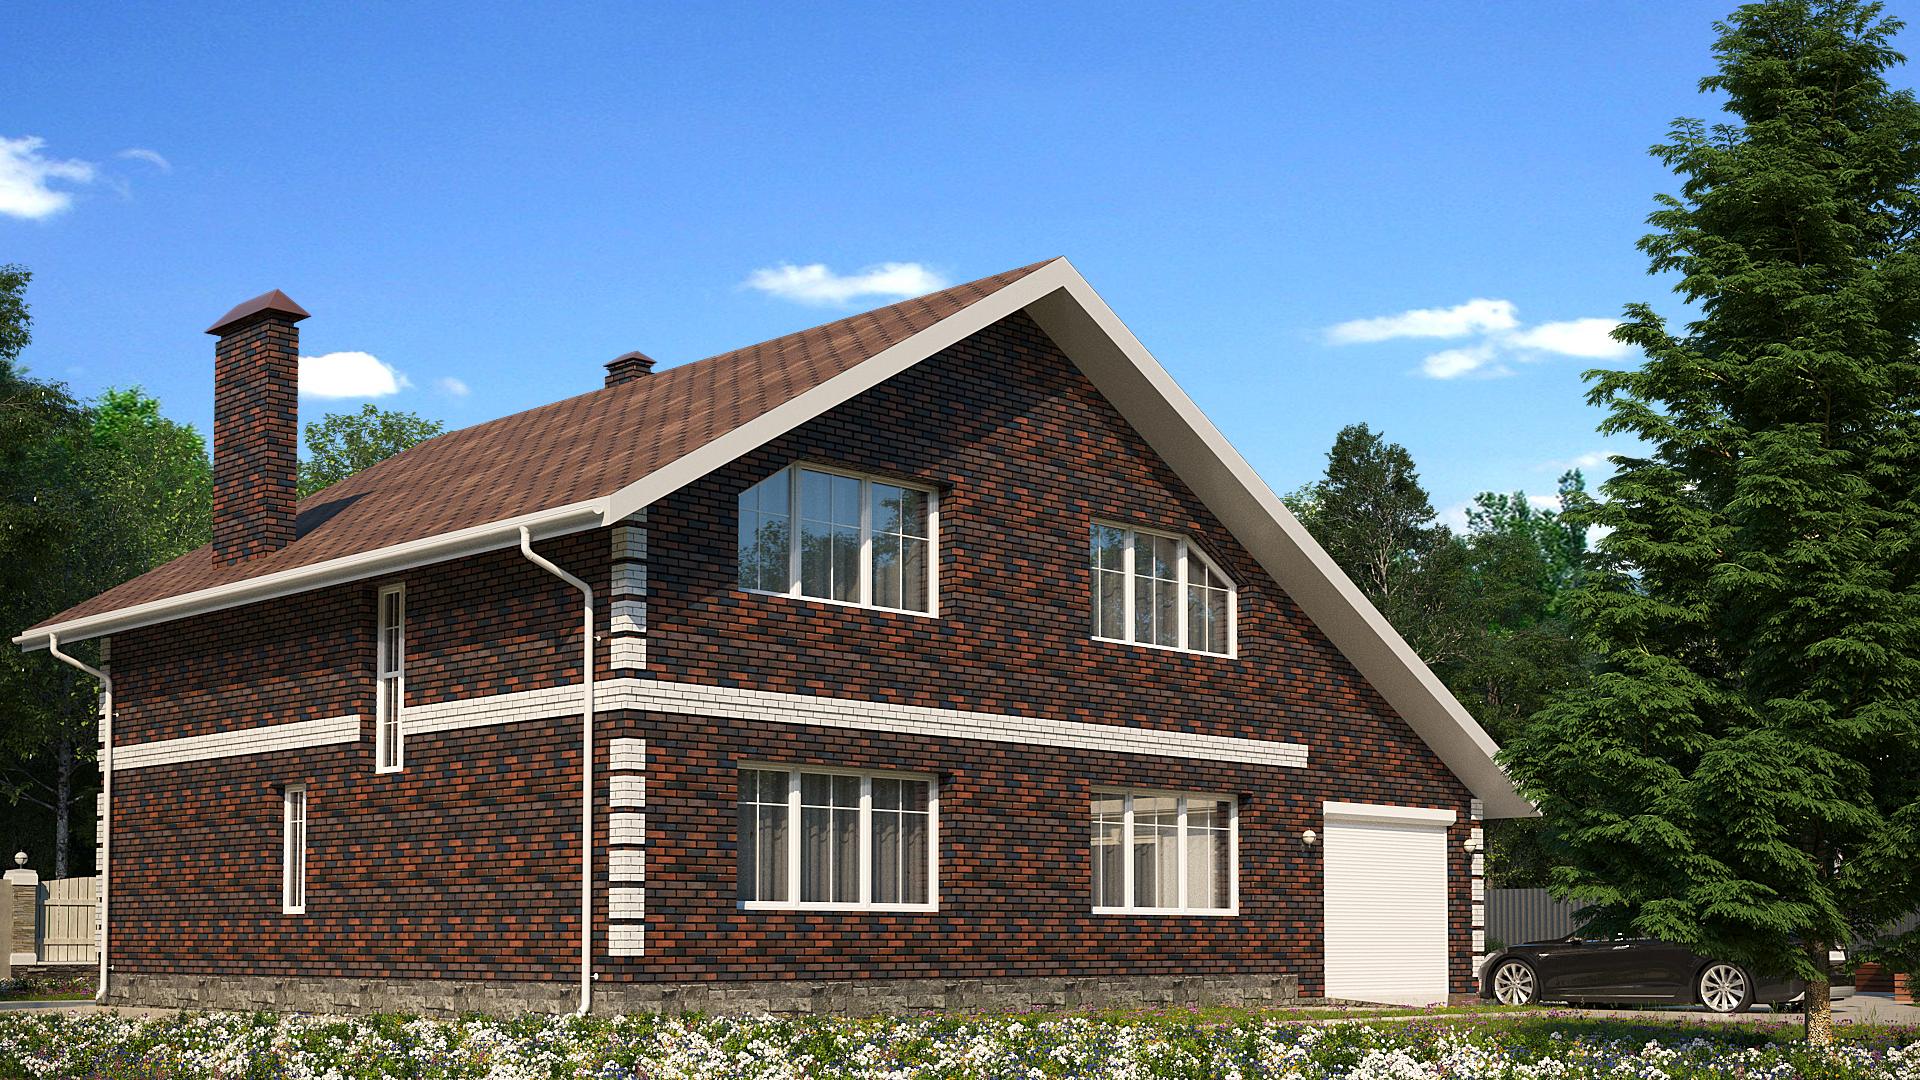 Готовый проект коттеджа 168 кв. м / Артикул АГ-227 фасад